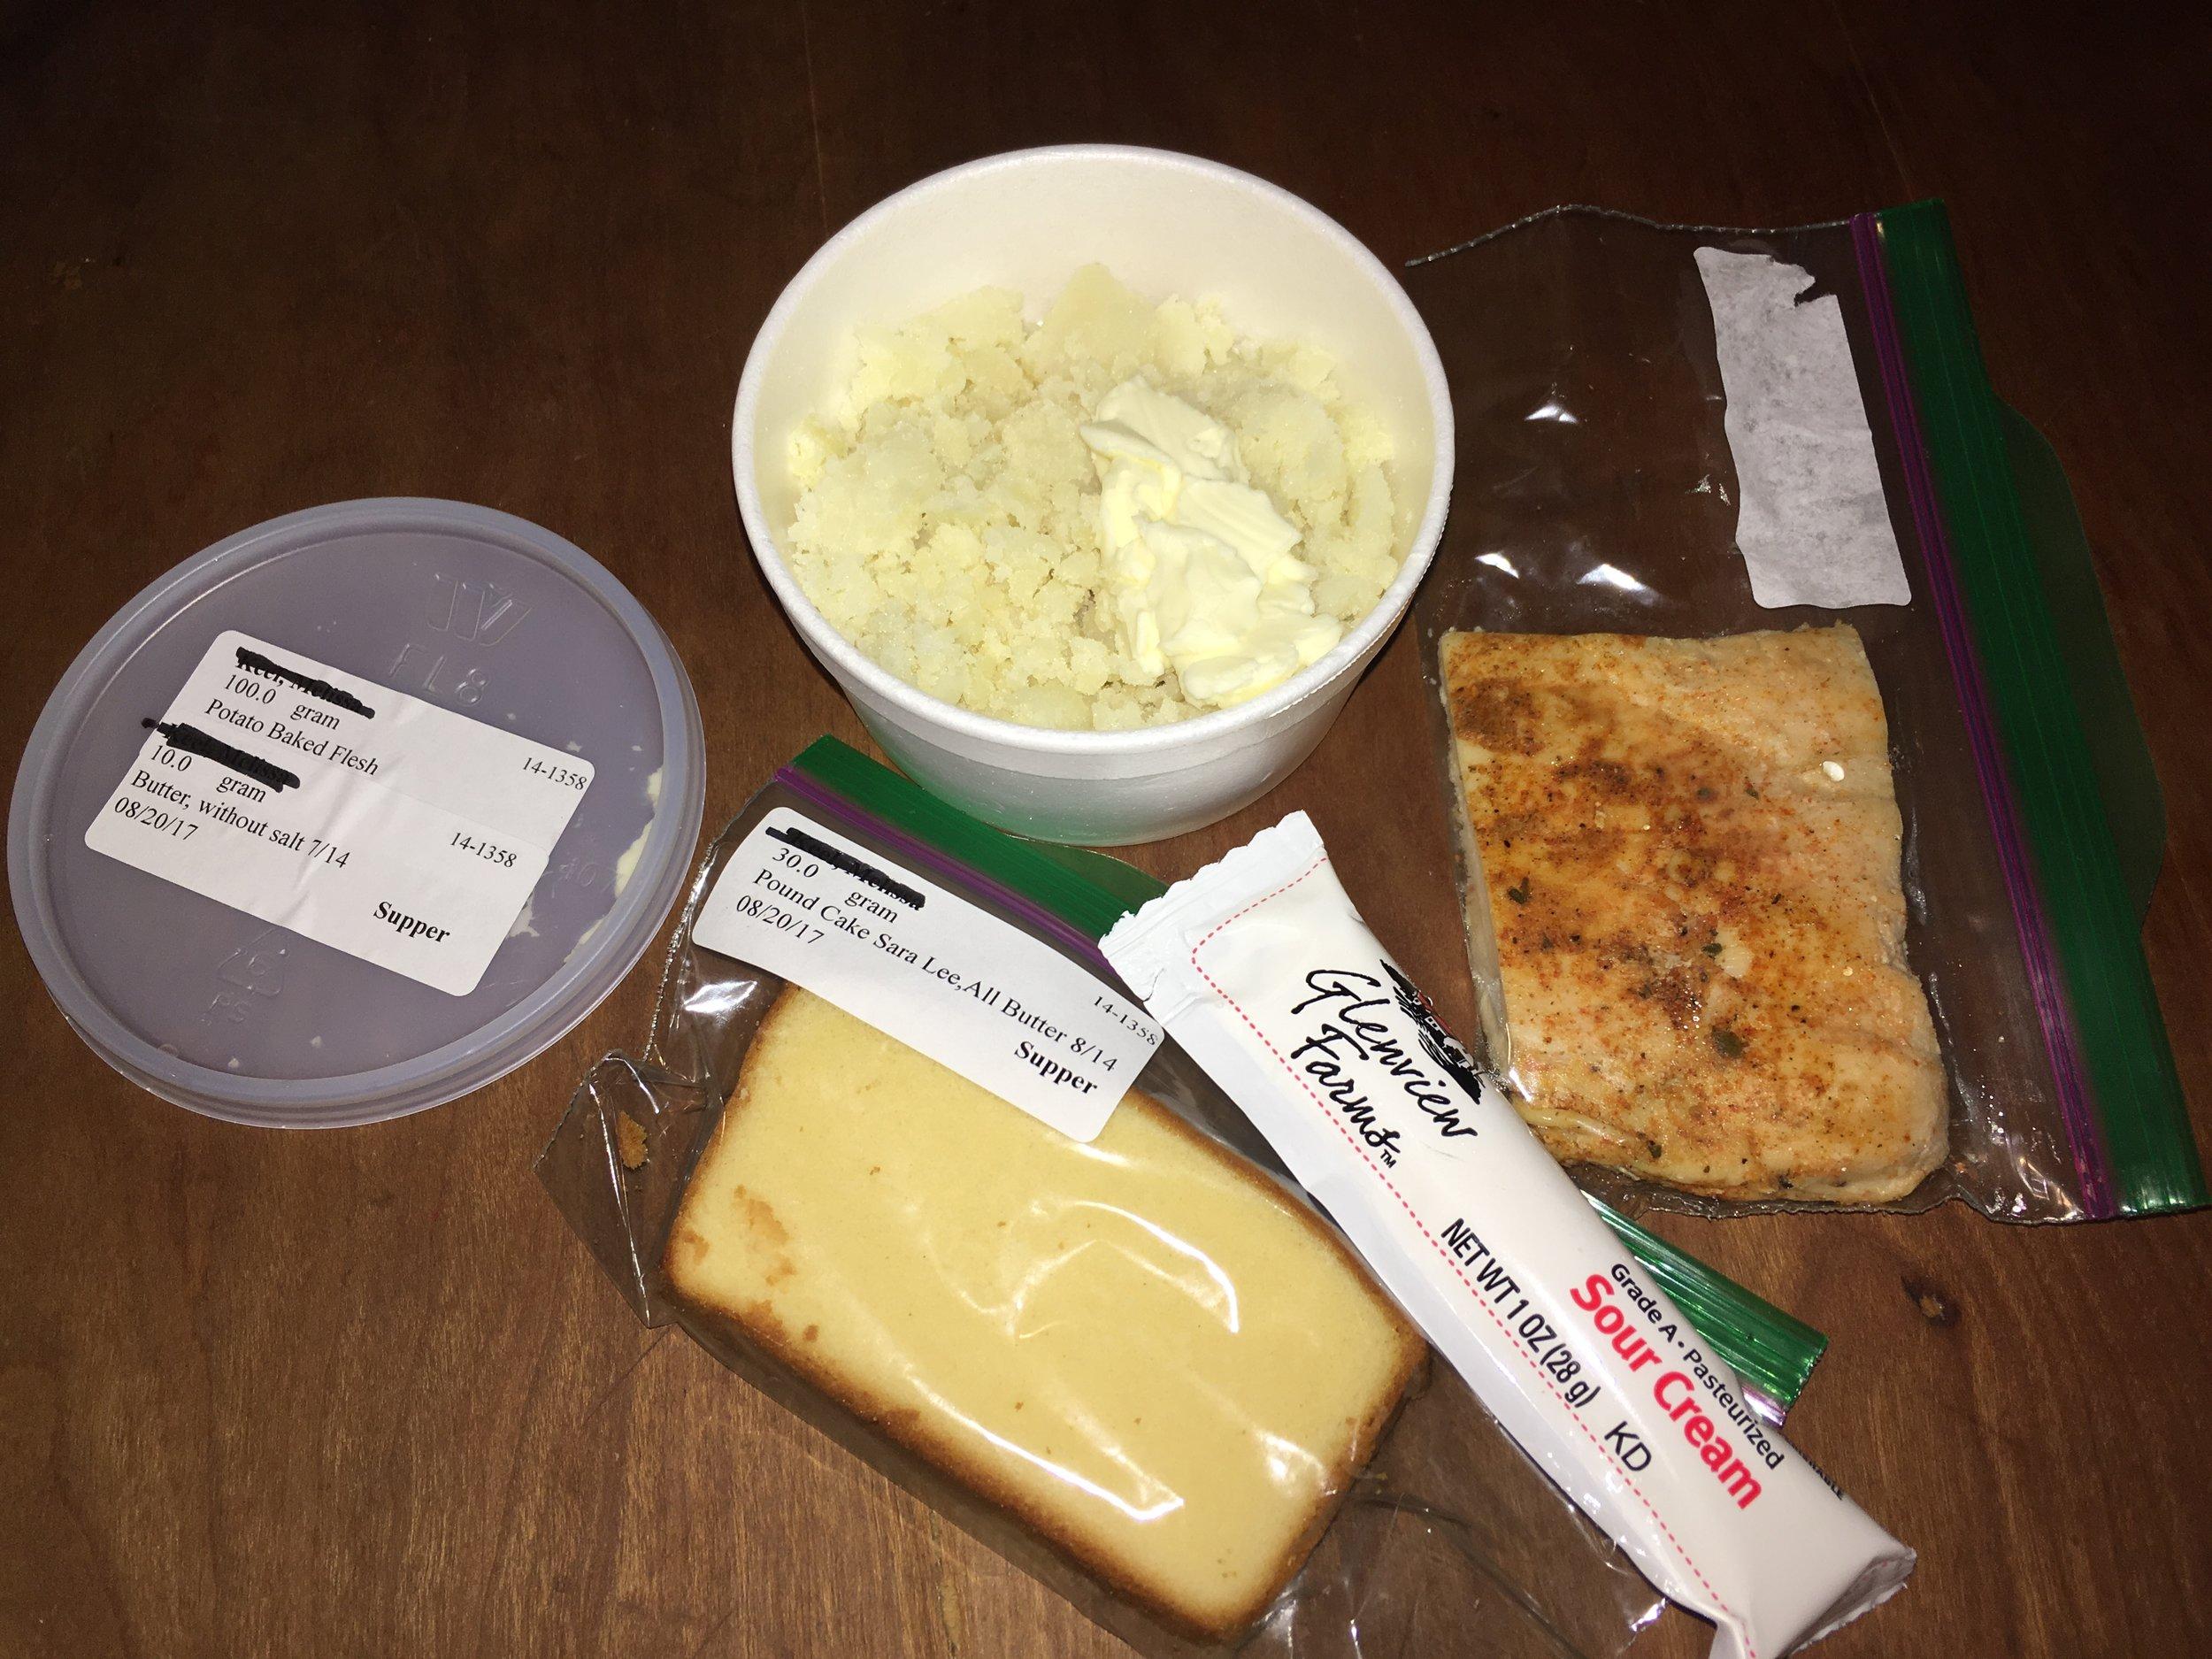 dinner example.JPG